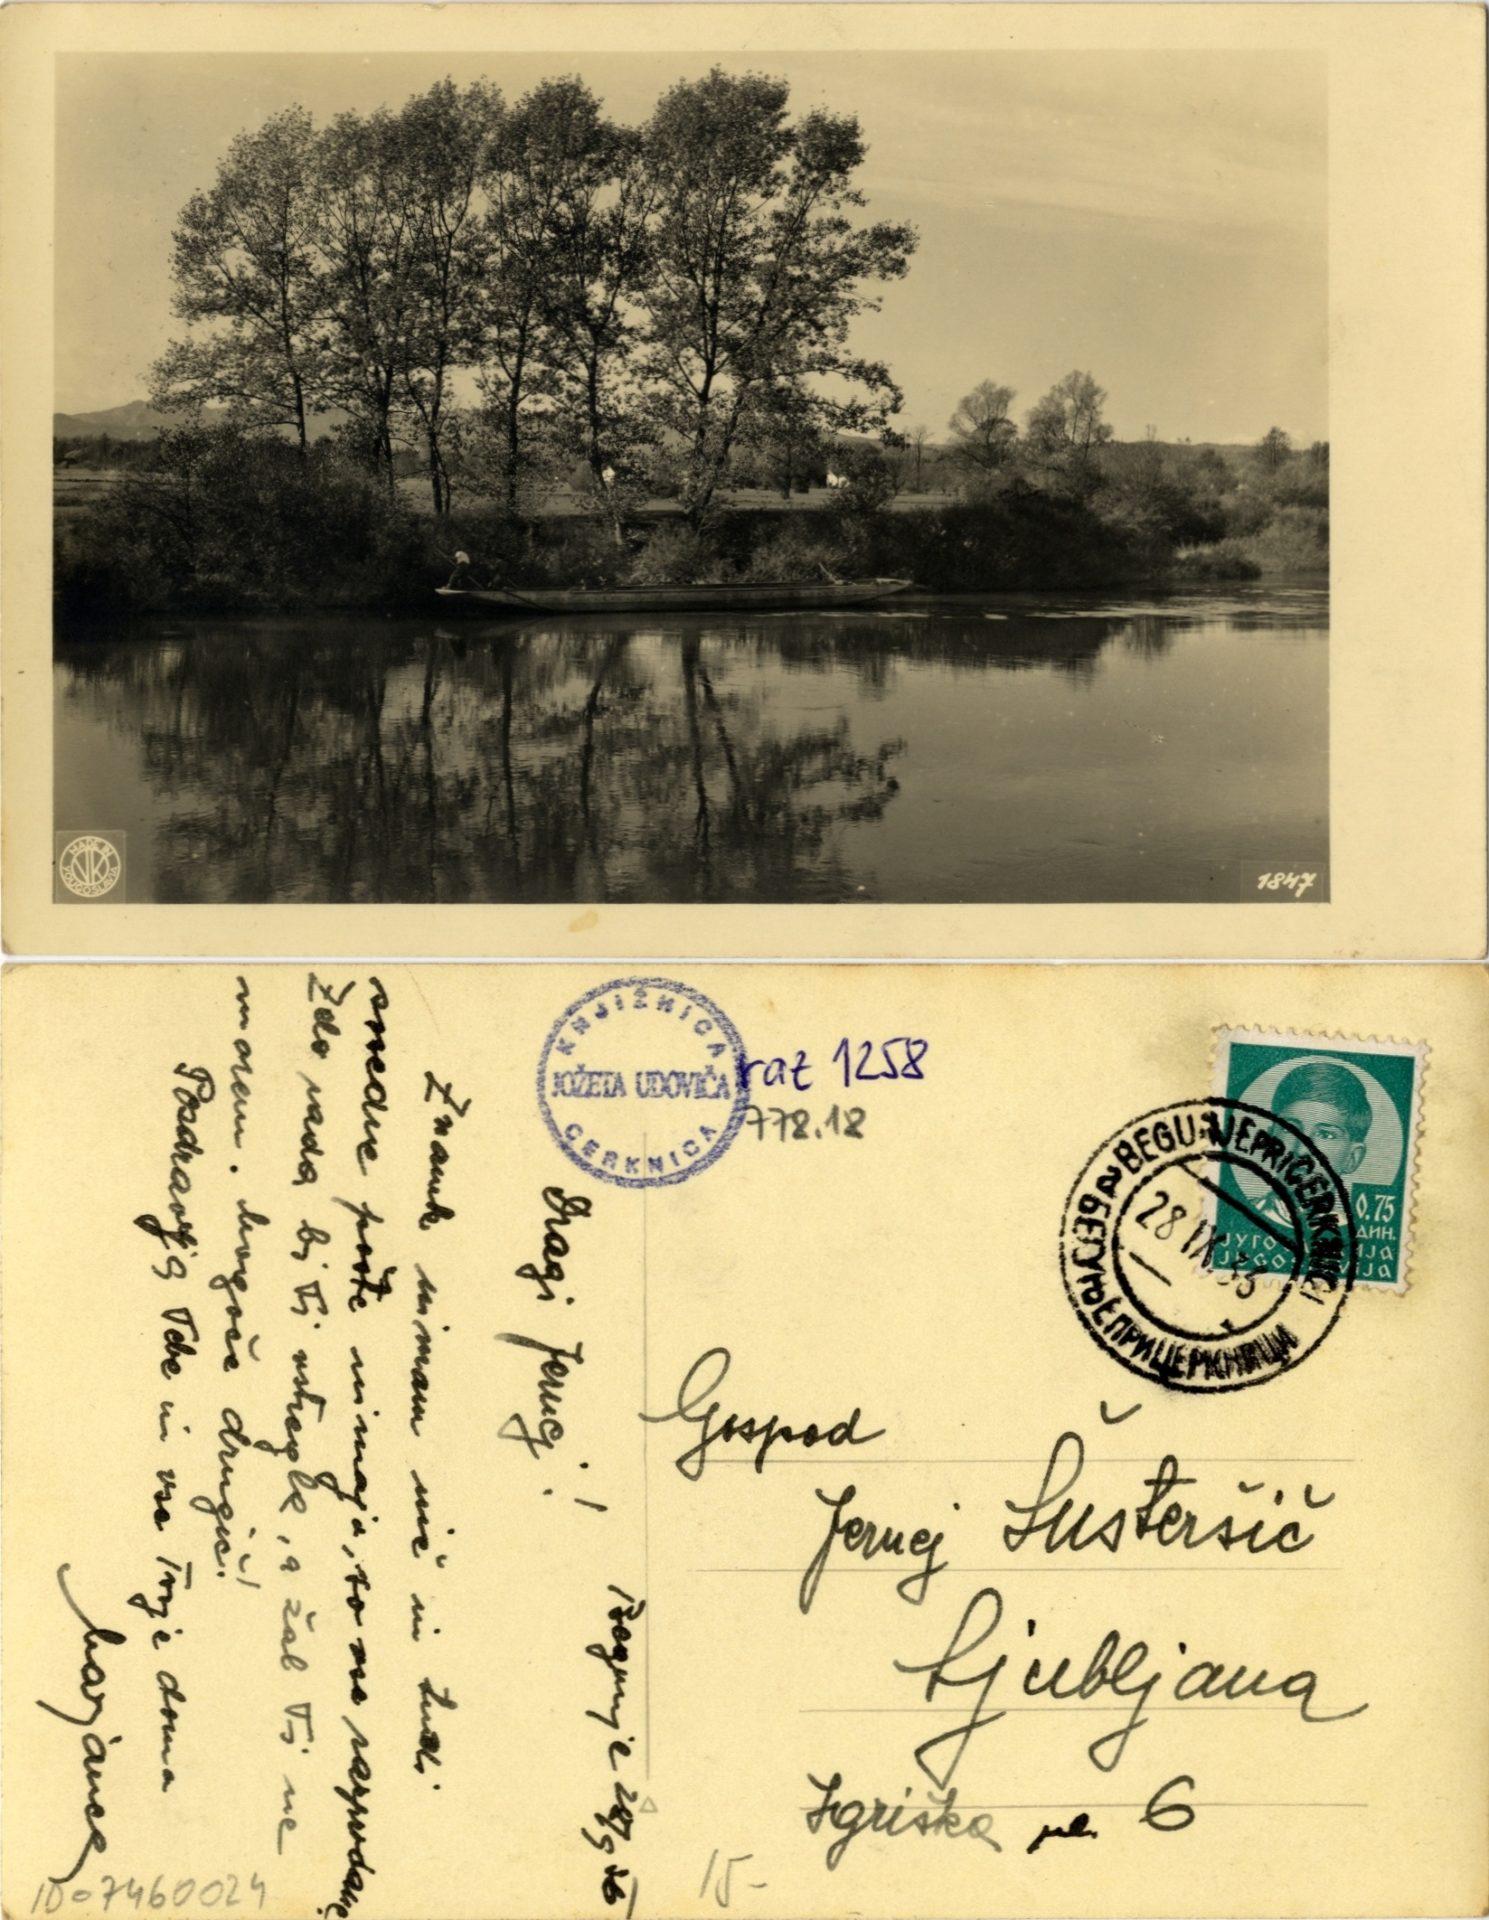 zlimano 22 - Cerkniško jezero